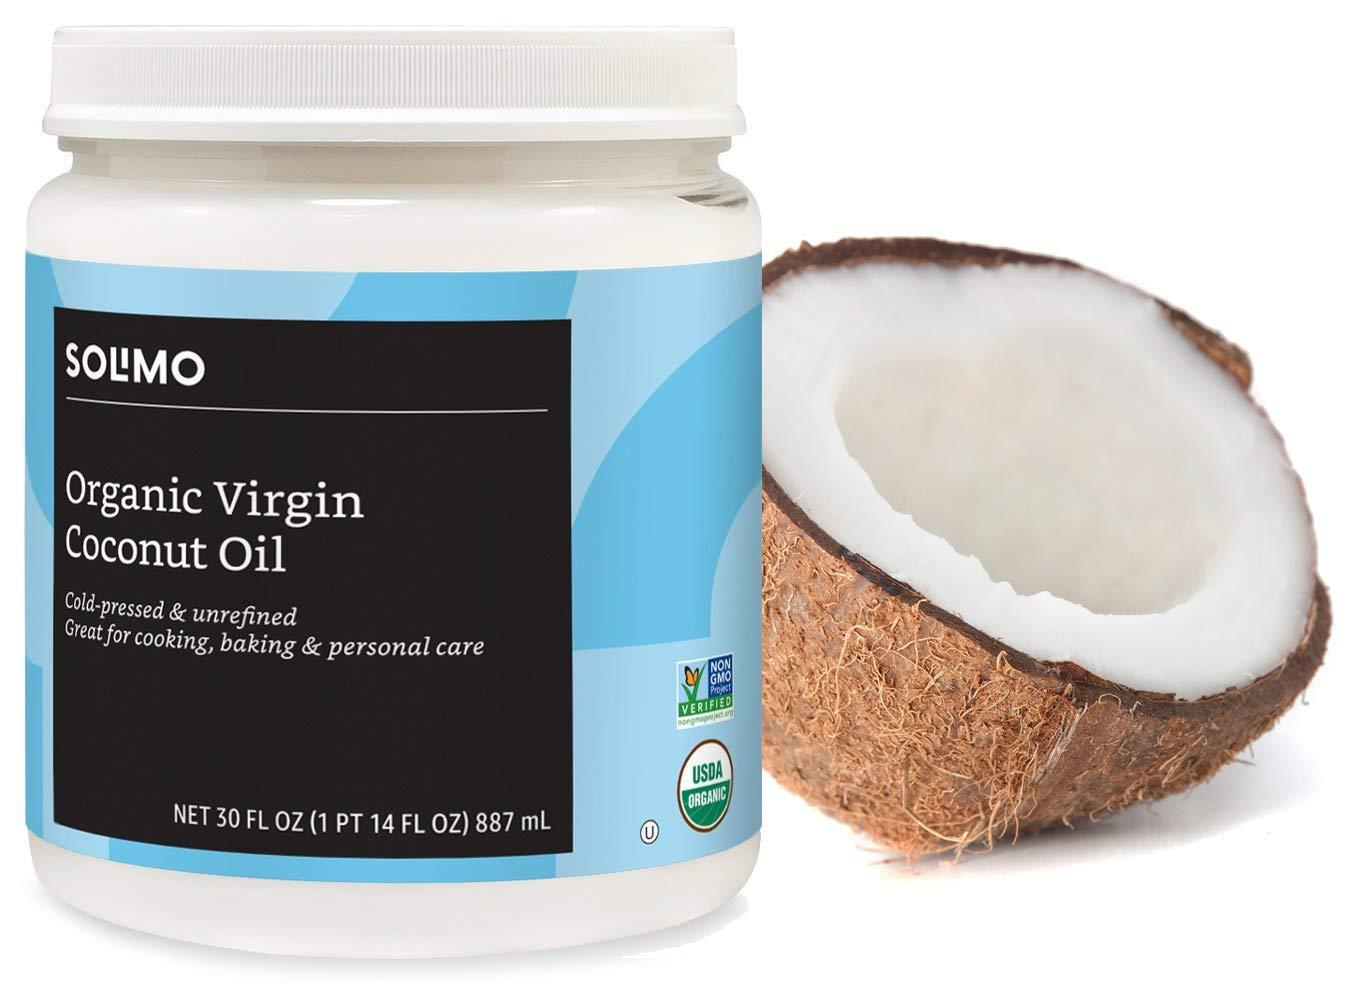 Amazon Brand - Solimo Organic Virgin Coconut Oil, UNREFINED, 30 ounce, $7.99, Free Prime Shipping at Amazon